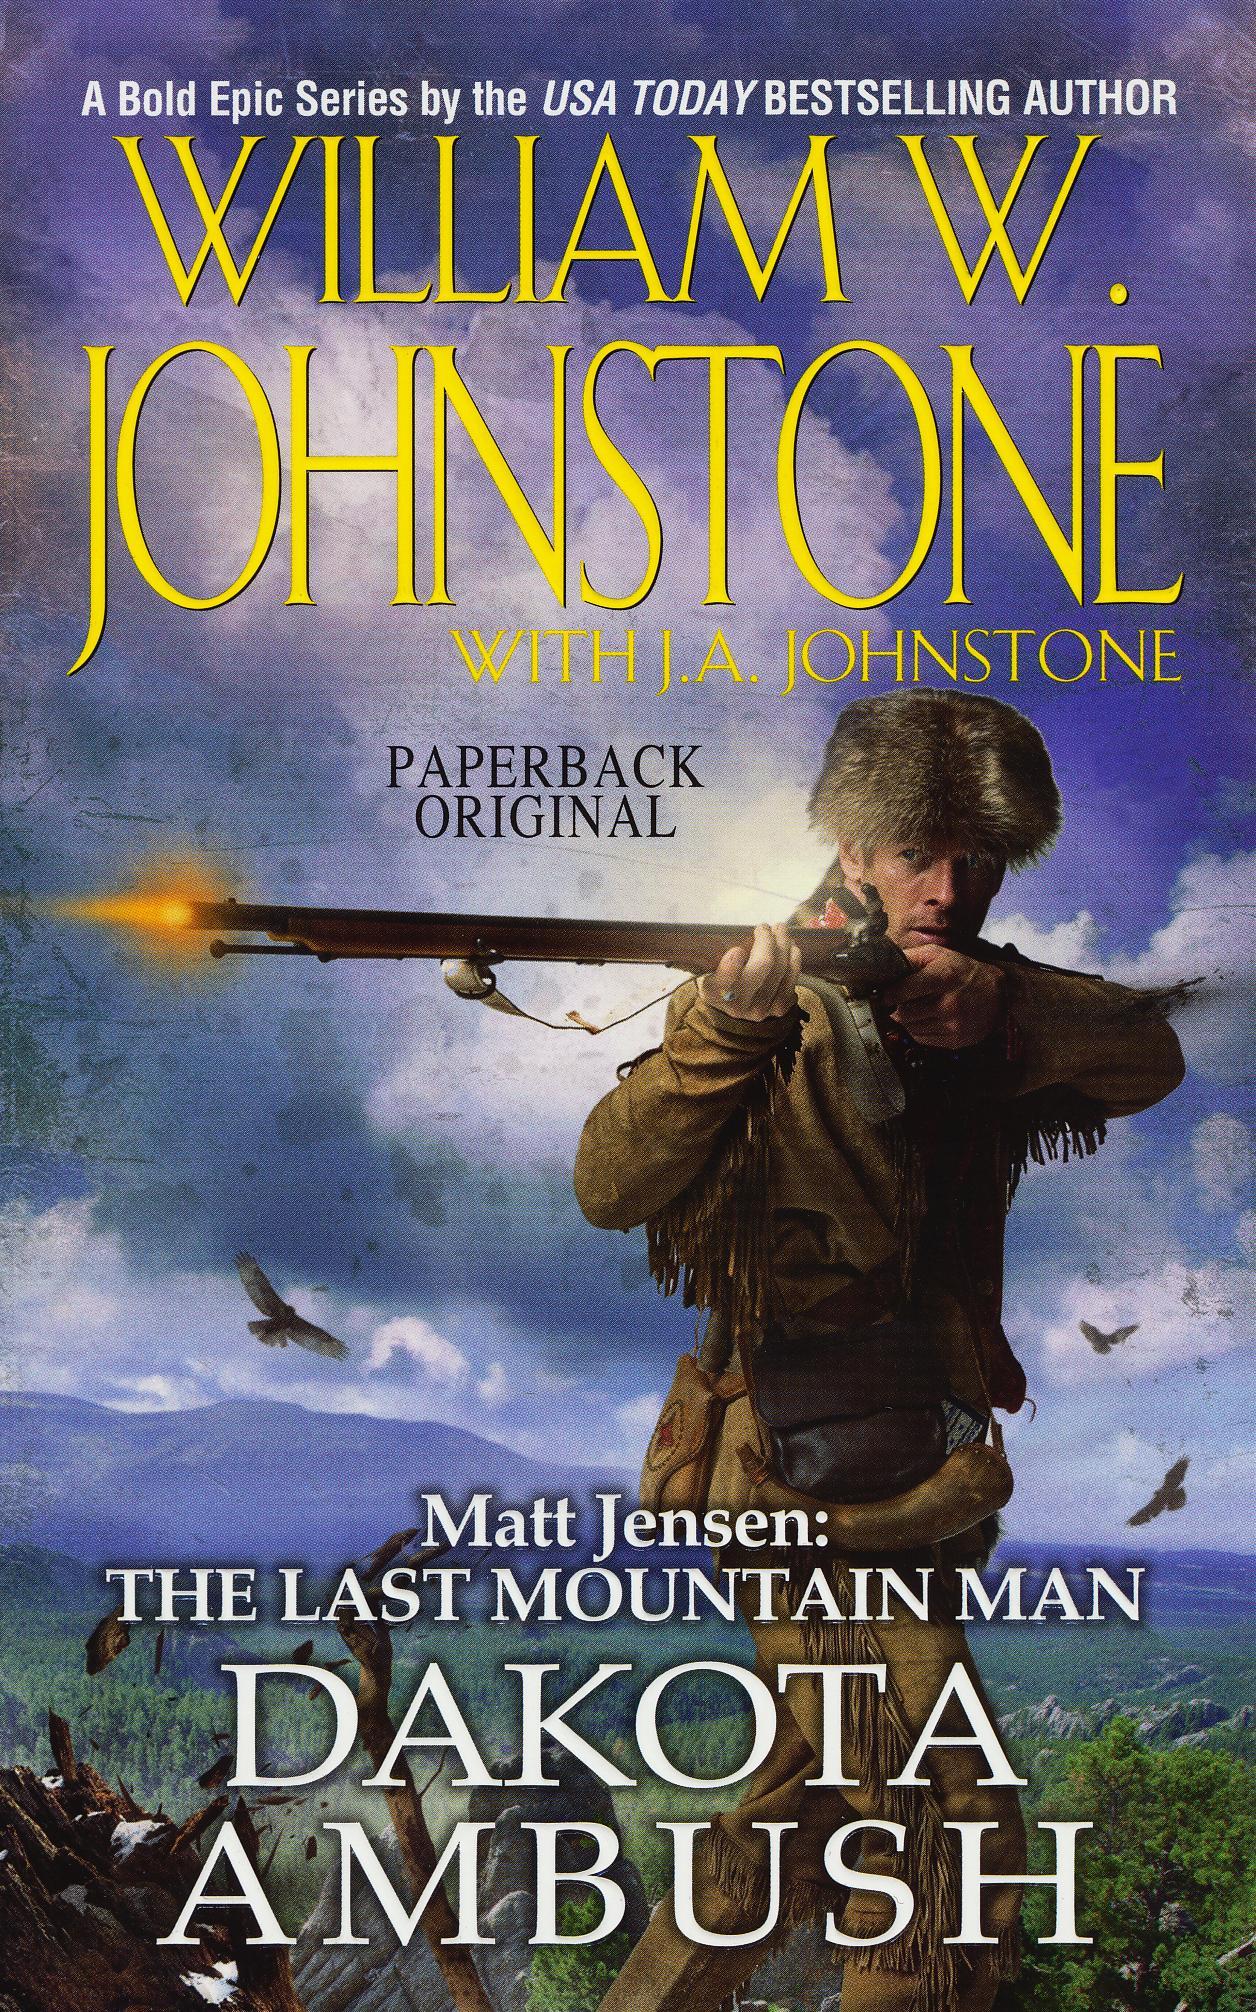 Matt Jensen, The Last Mountain Man #6: Dakota Ambush EB9780786027811